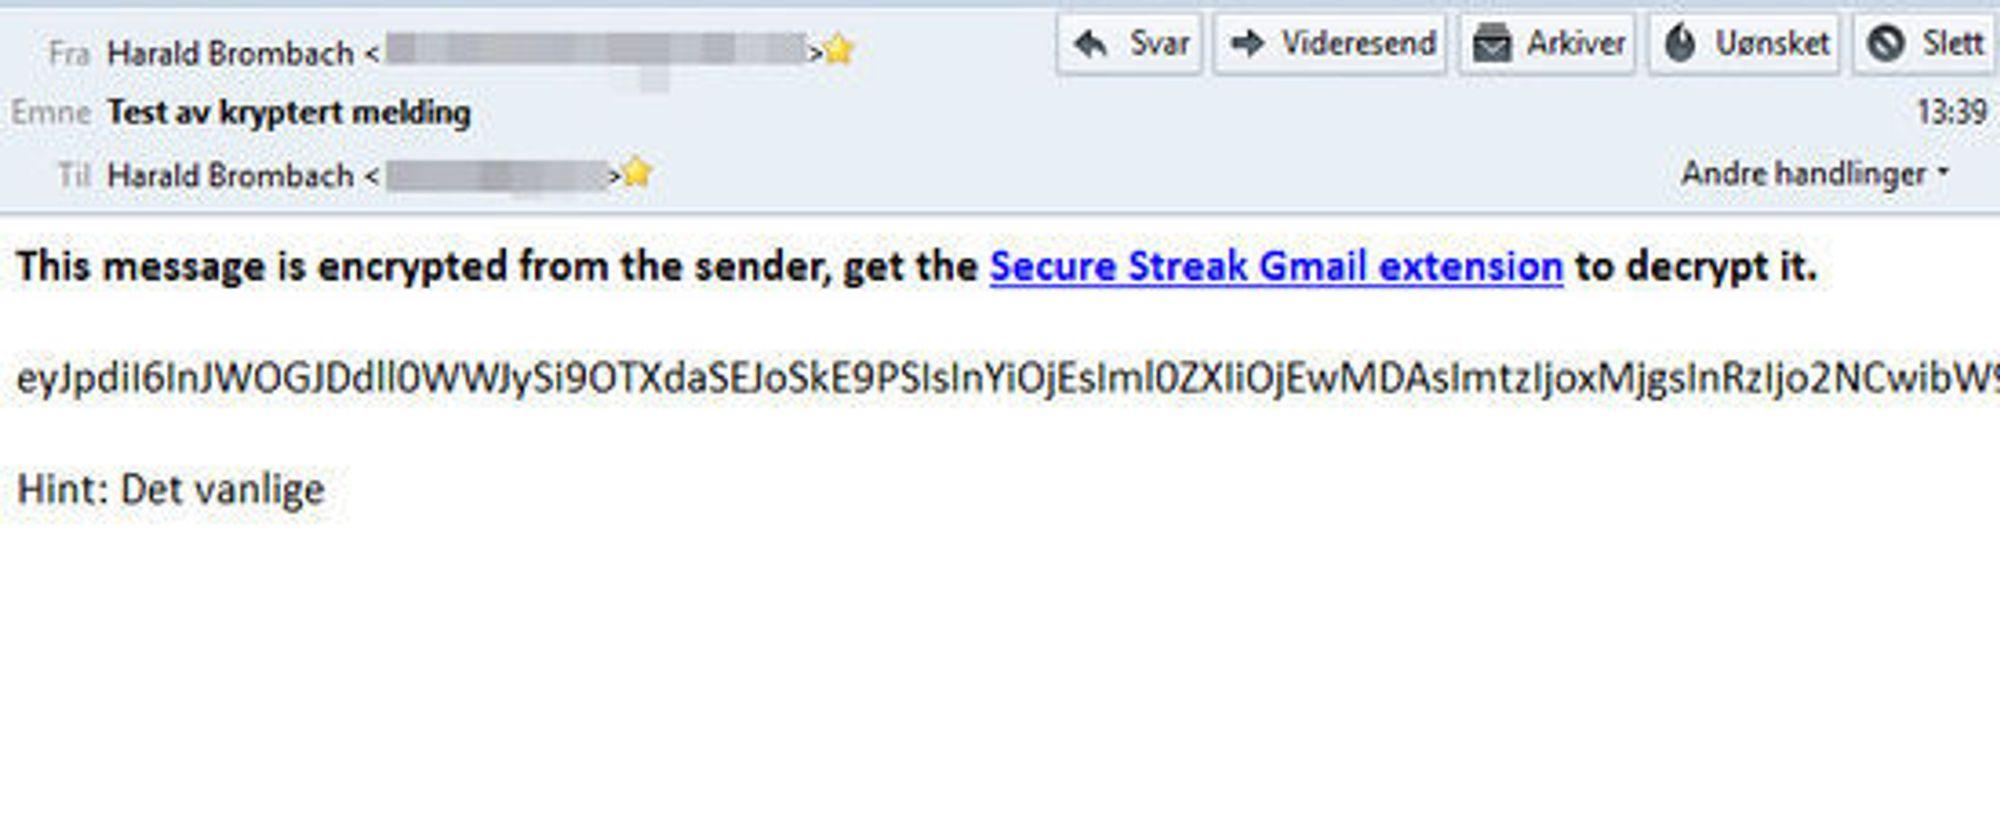 Slik ser den krypterte e-posten ut for mottakeren, her i en ekstern e-postklient. Dersom e-posten er sendt til en annen e-postadresse enn den til en Gmail-konto, kan meldingen videresendes til mottakerens Gmail-konto og åpnes der.